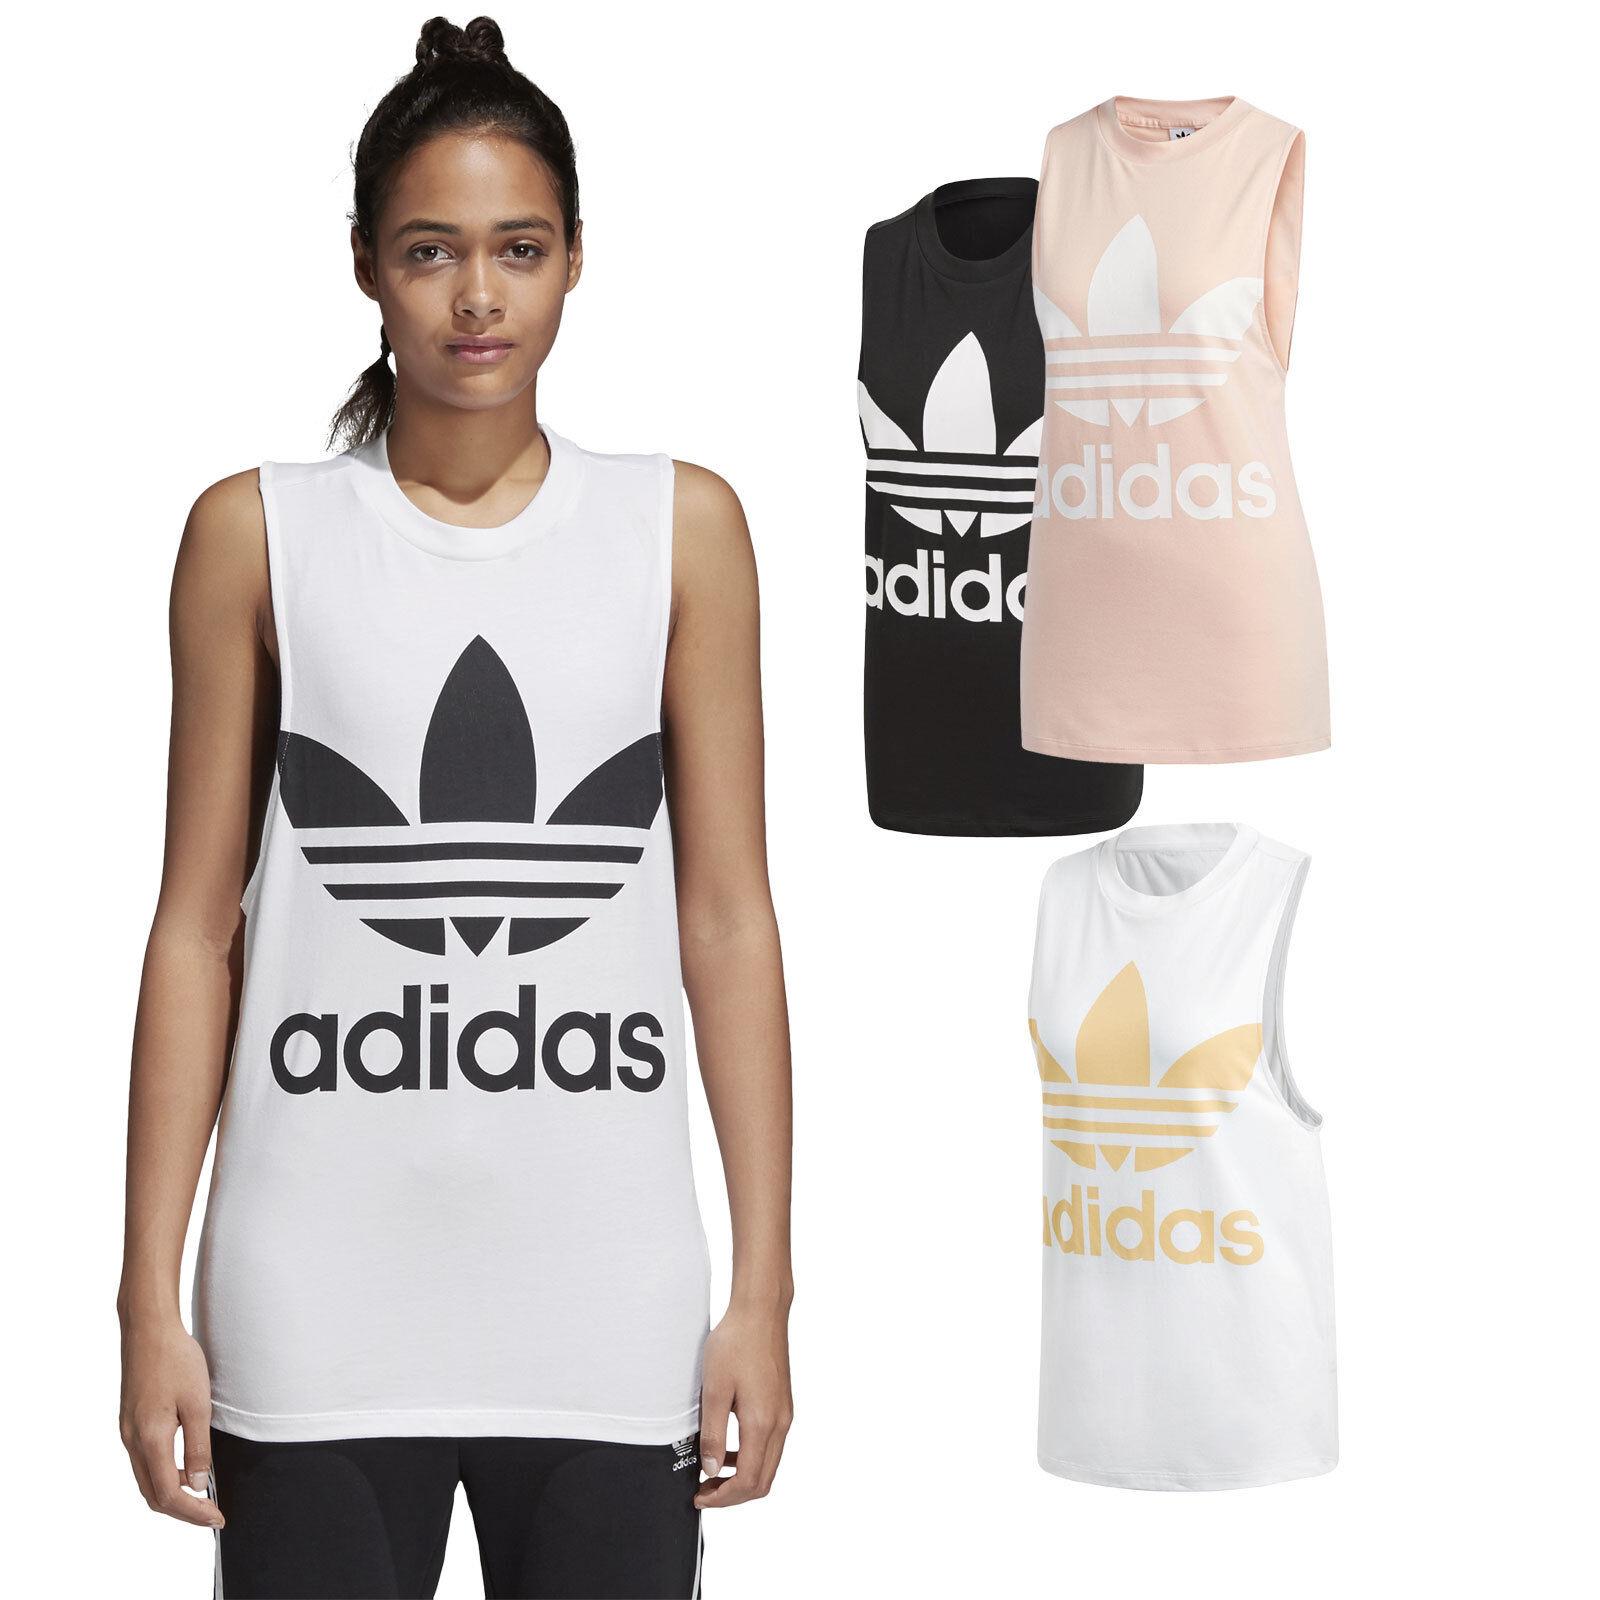 Adidas Originals Trefoil Tank női póló top póló felsőrész relaxed fit